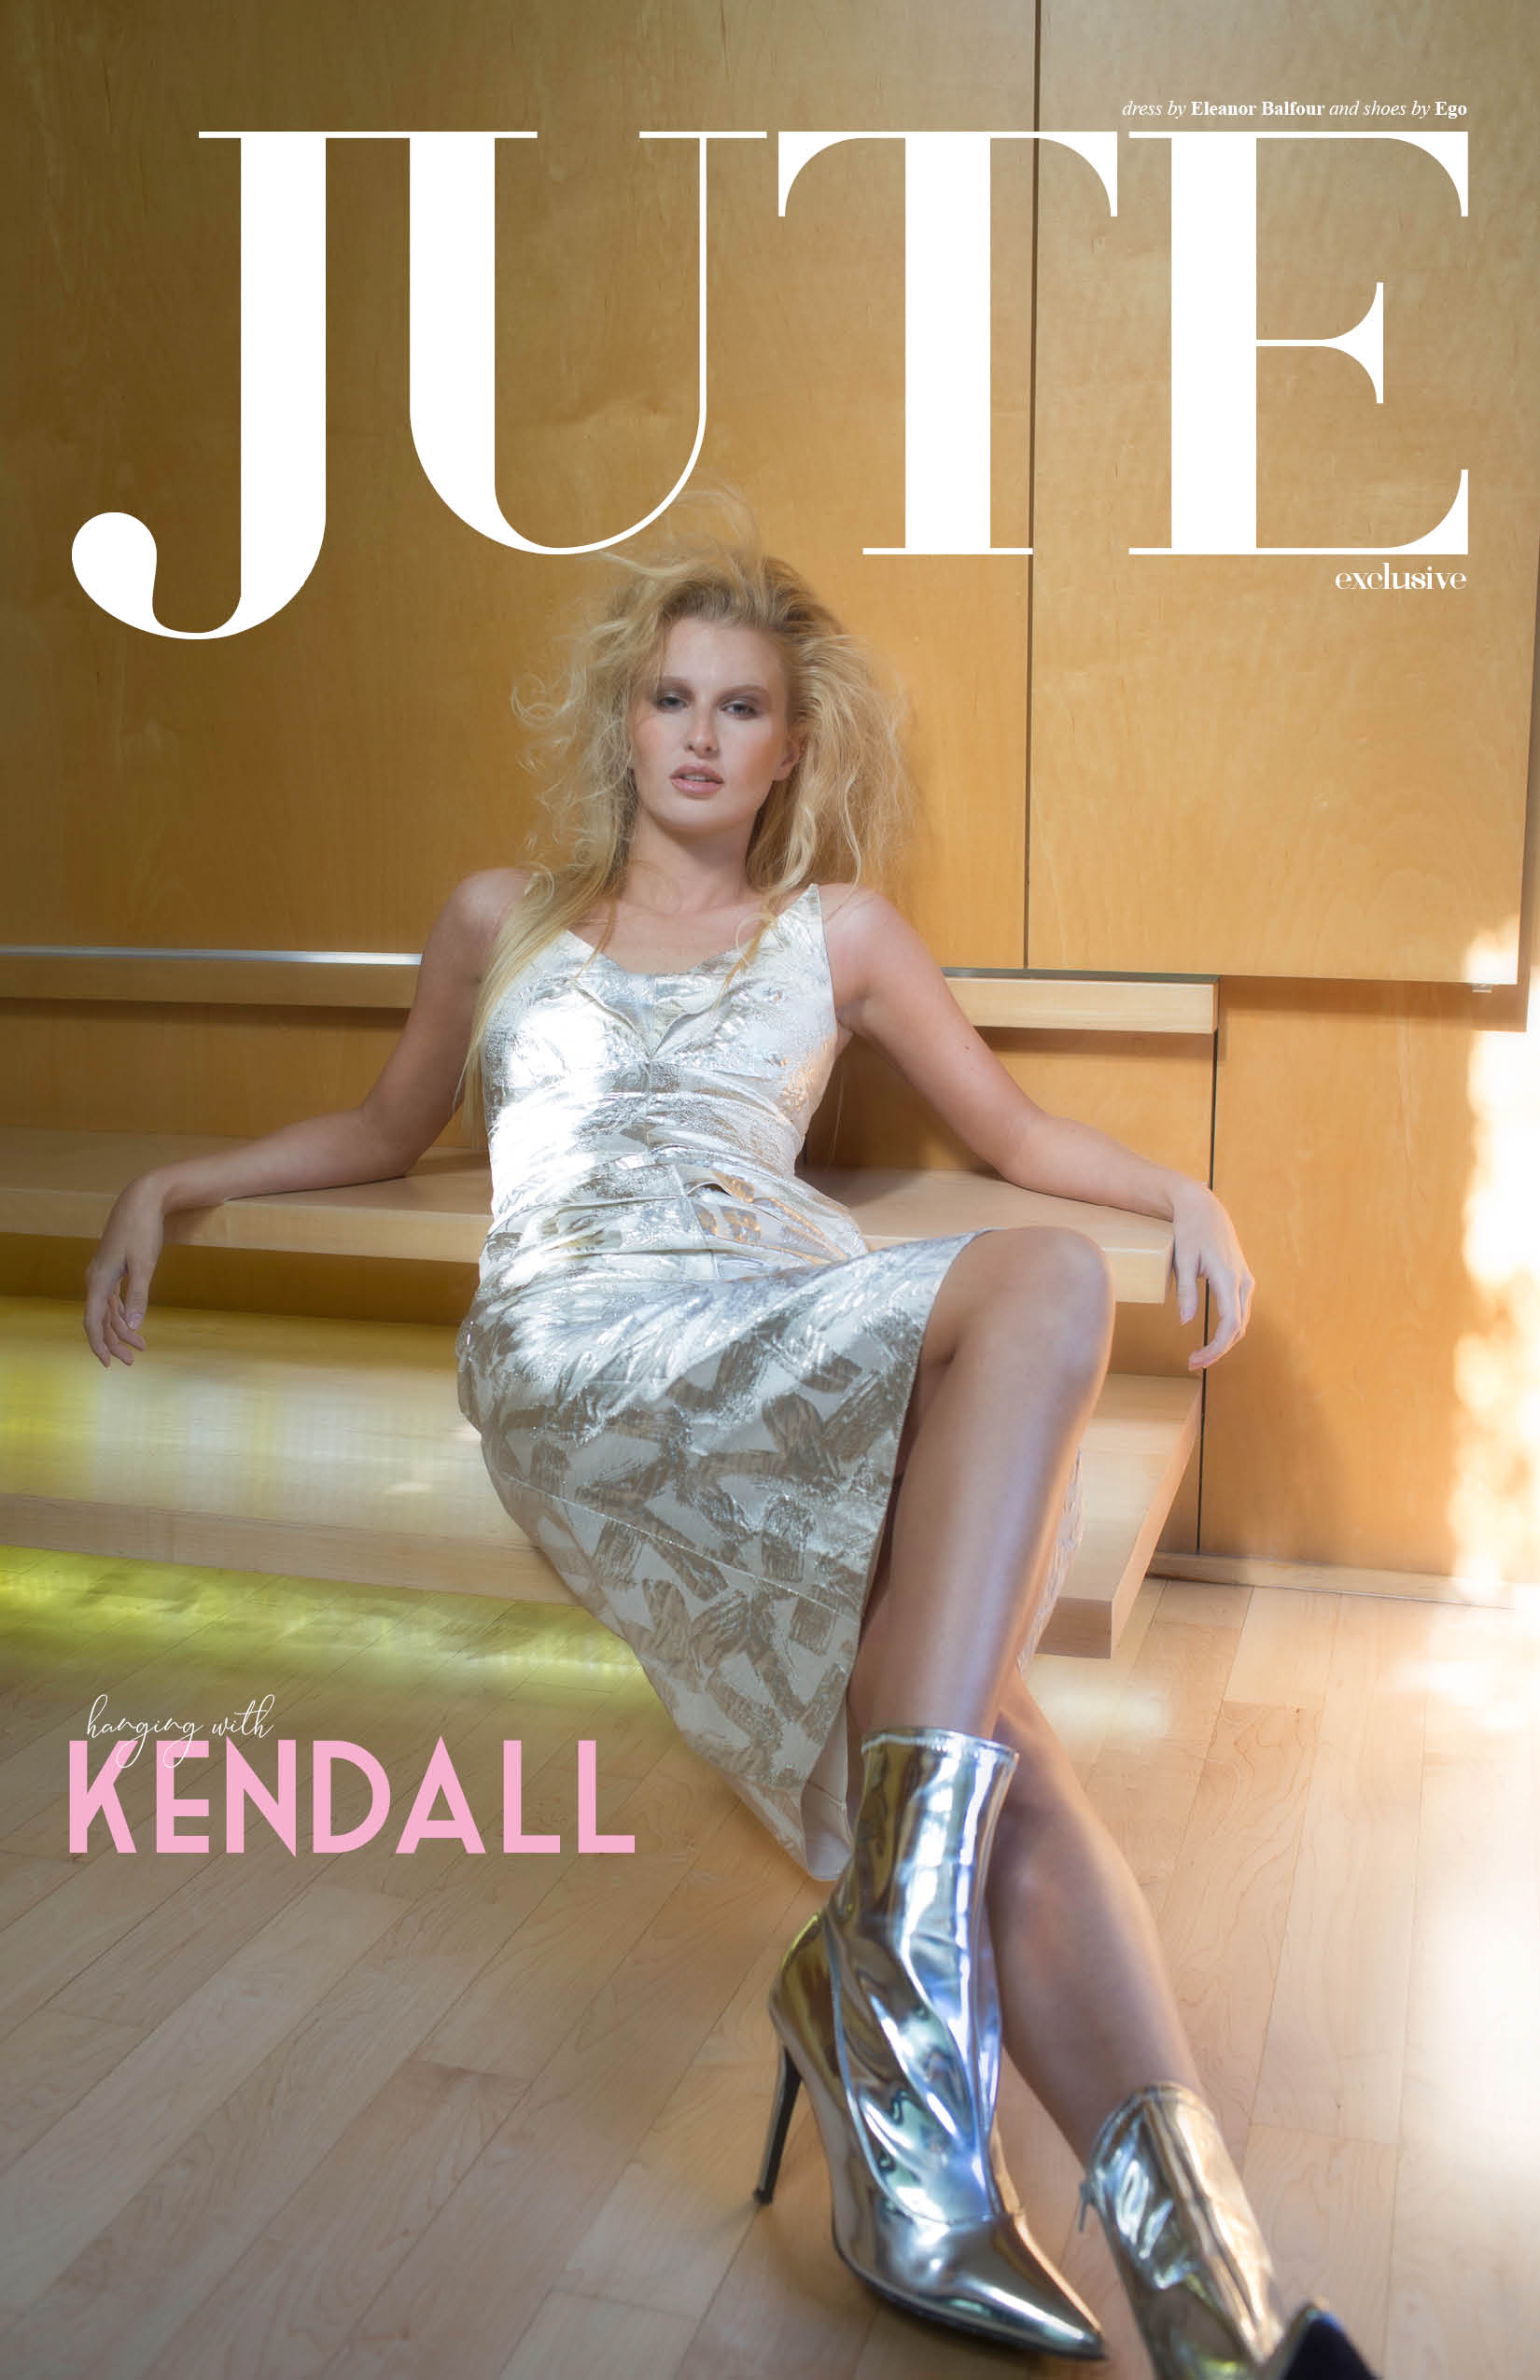 KendallHarris.jpg